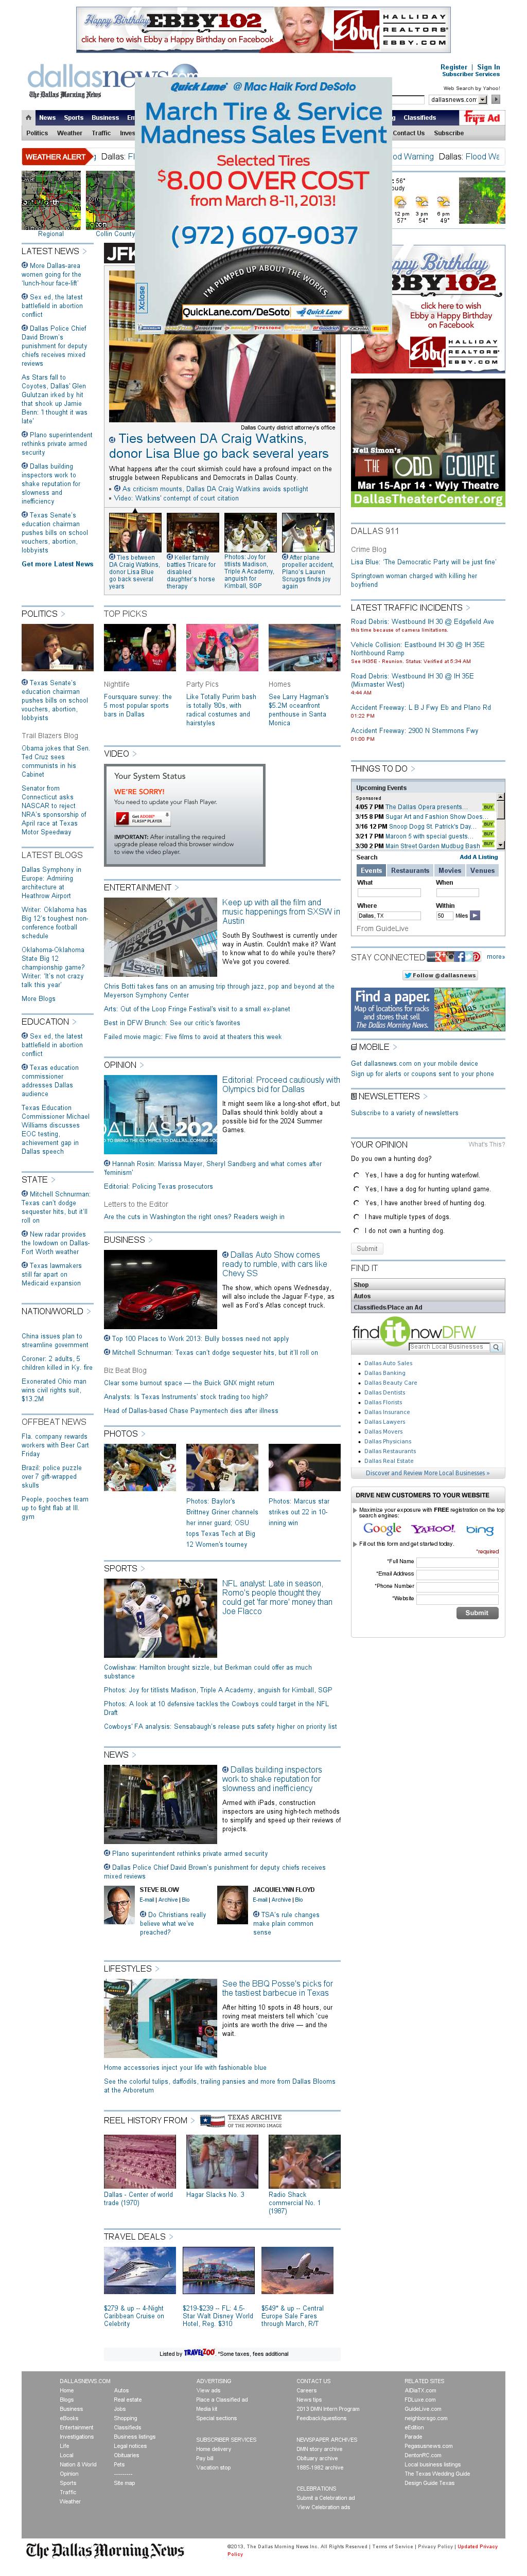 dallasnews.com at Sunday March 10, 2013, 11:04 a.m. UTC